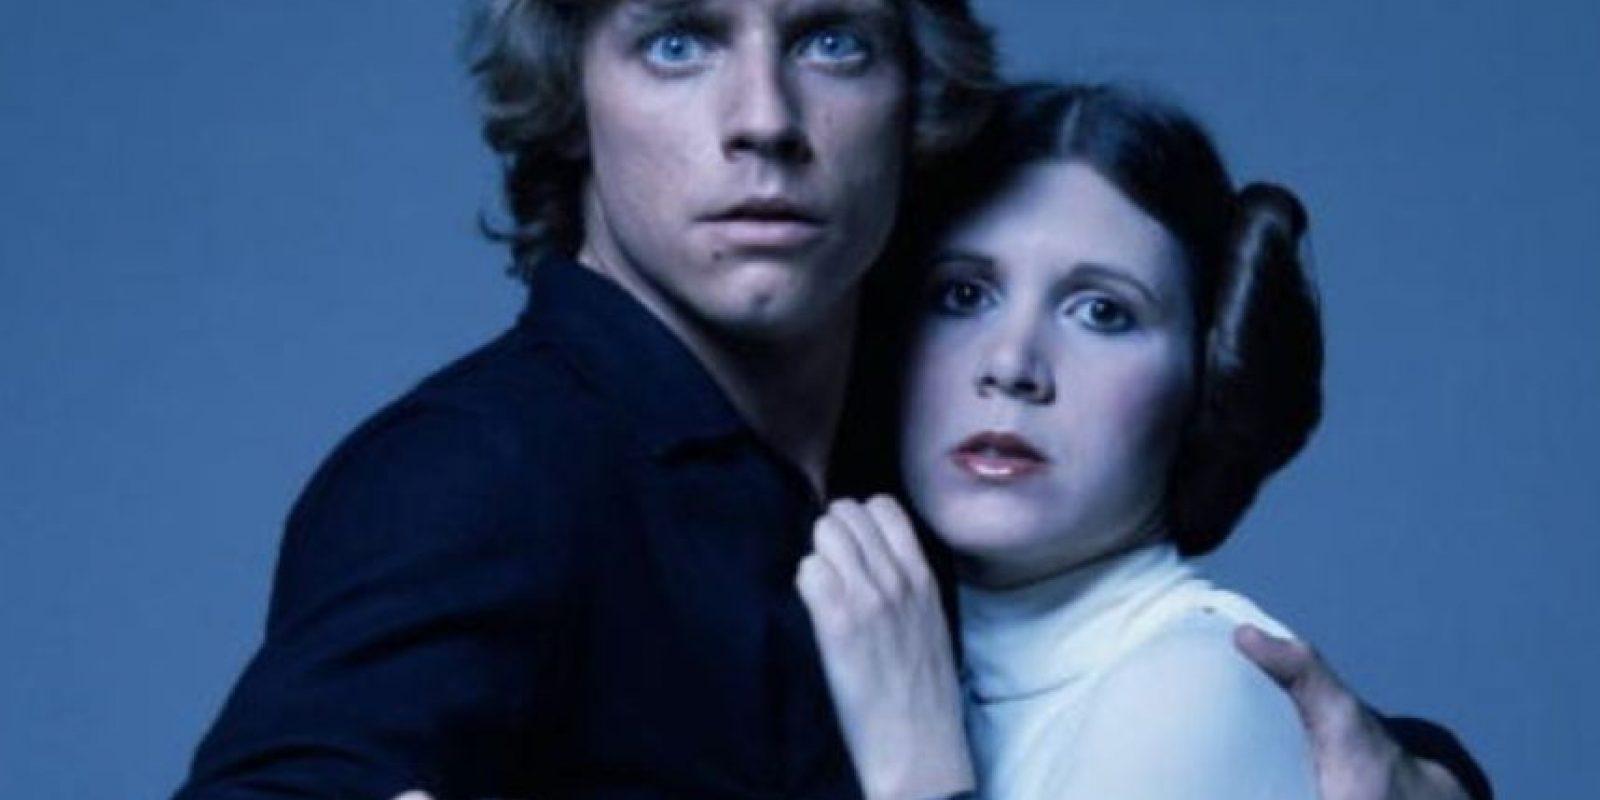 """Carrie Fisher, estrella de """"Star Wars"""", se llegó a casar por segunda vez con el agente Billy Lourd, con quien tuvo una hija. Foto:Getty Images"""